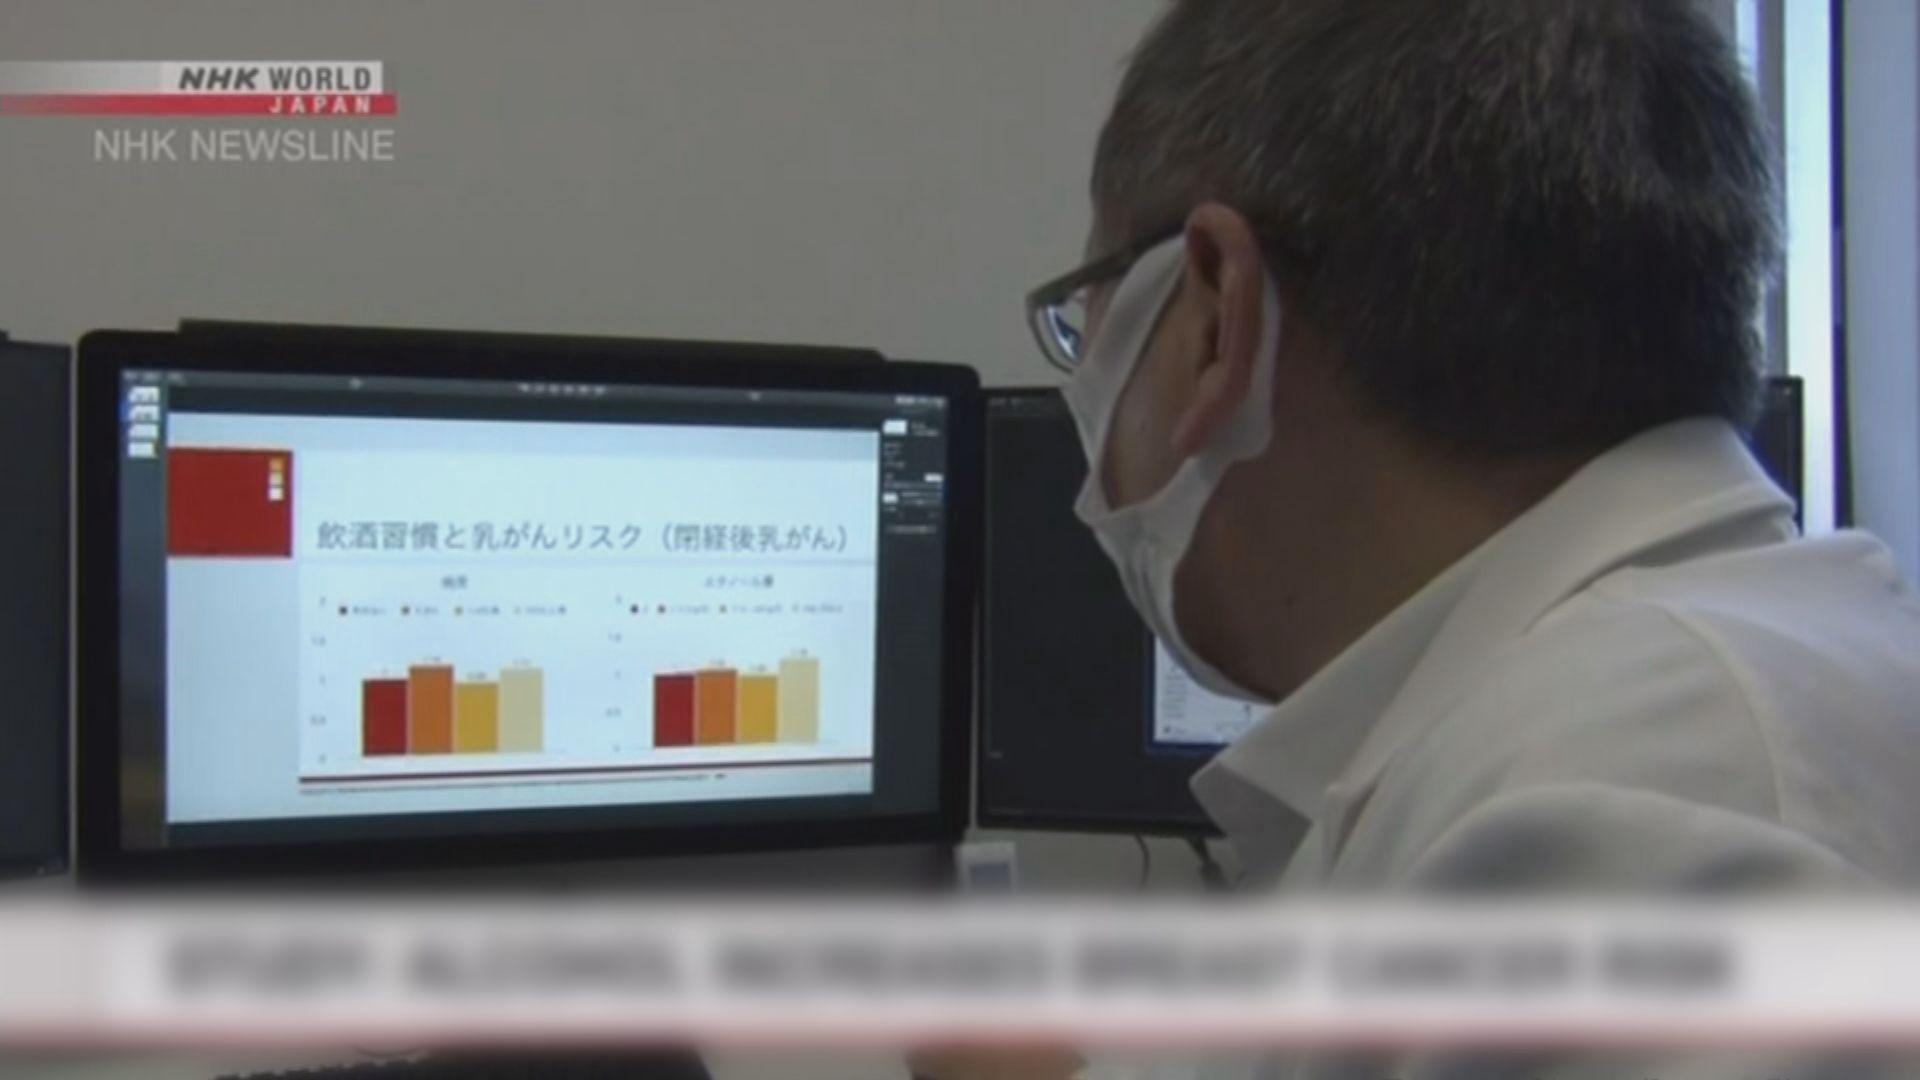 【環球薈報】日本研究指女性停經前飲酒增患乳癌風險